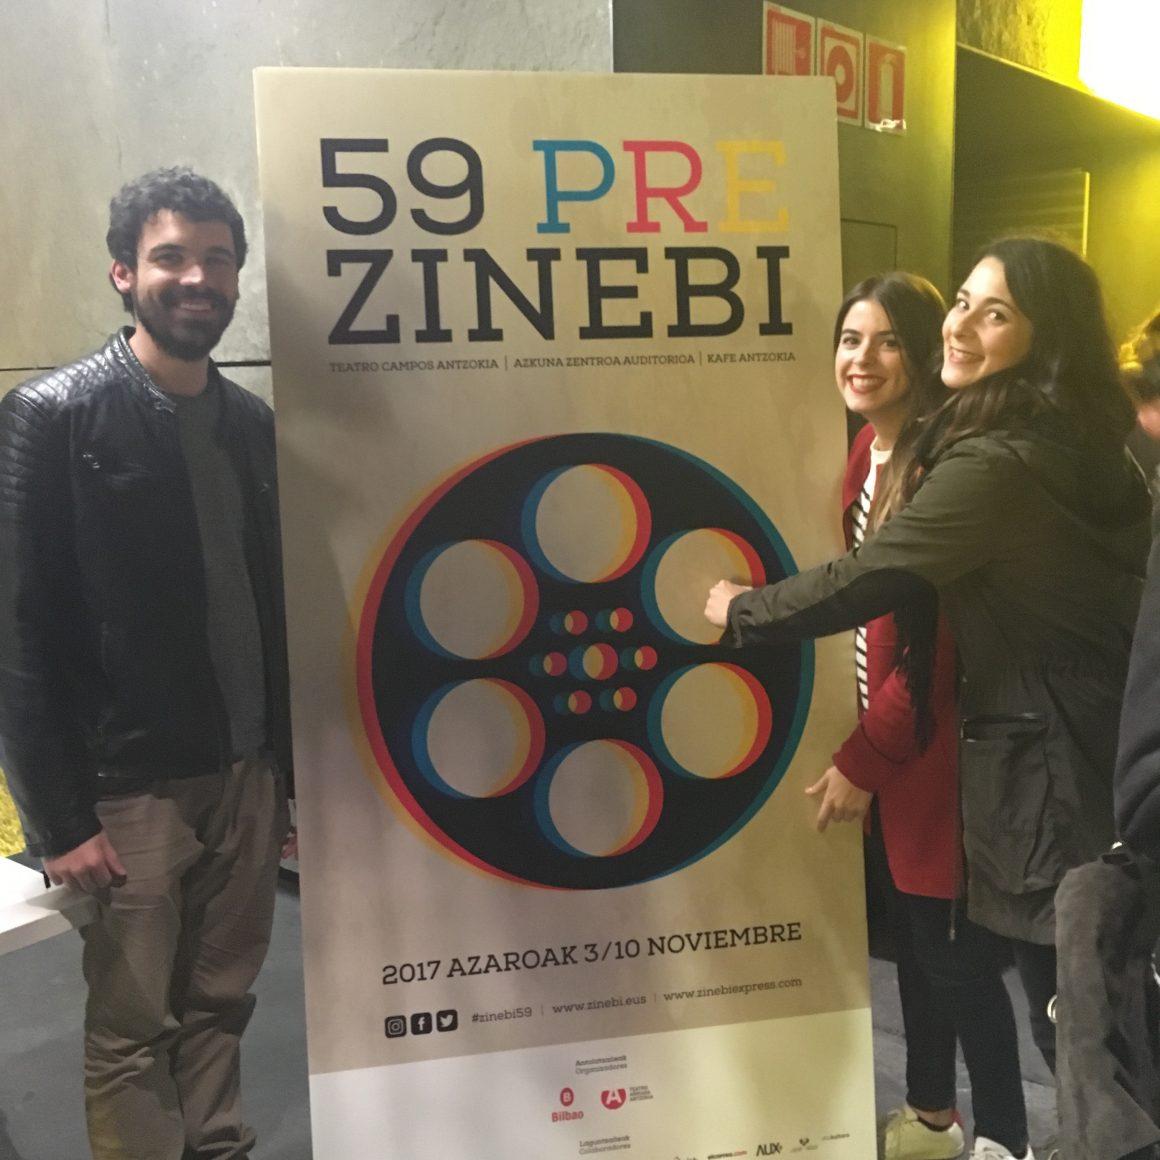 El equipo de GetxoExpress asiste a las proyecciones de Zinebiexpress 2017.